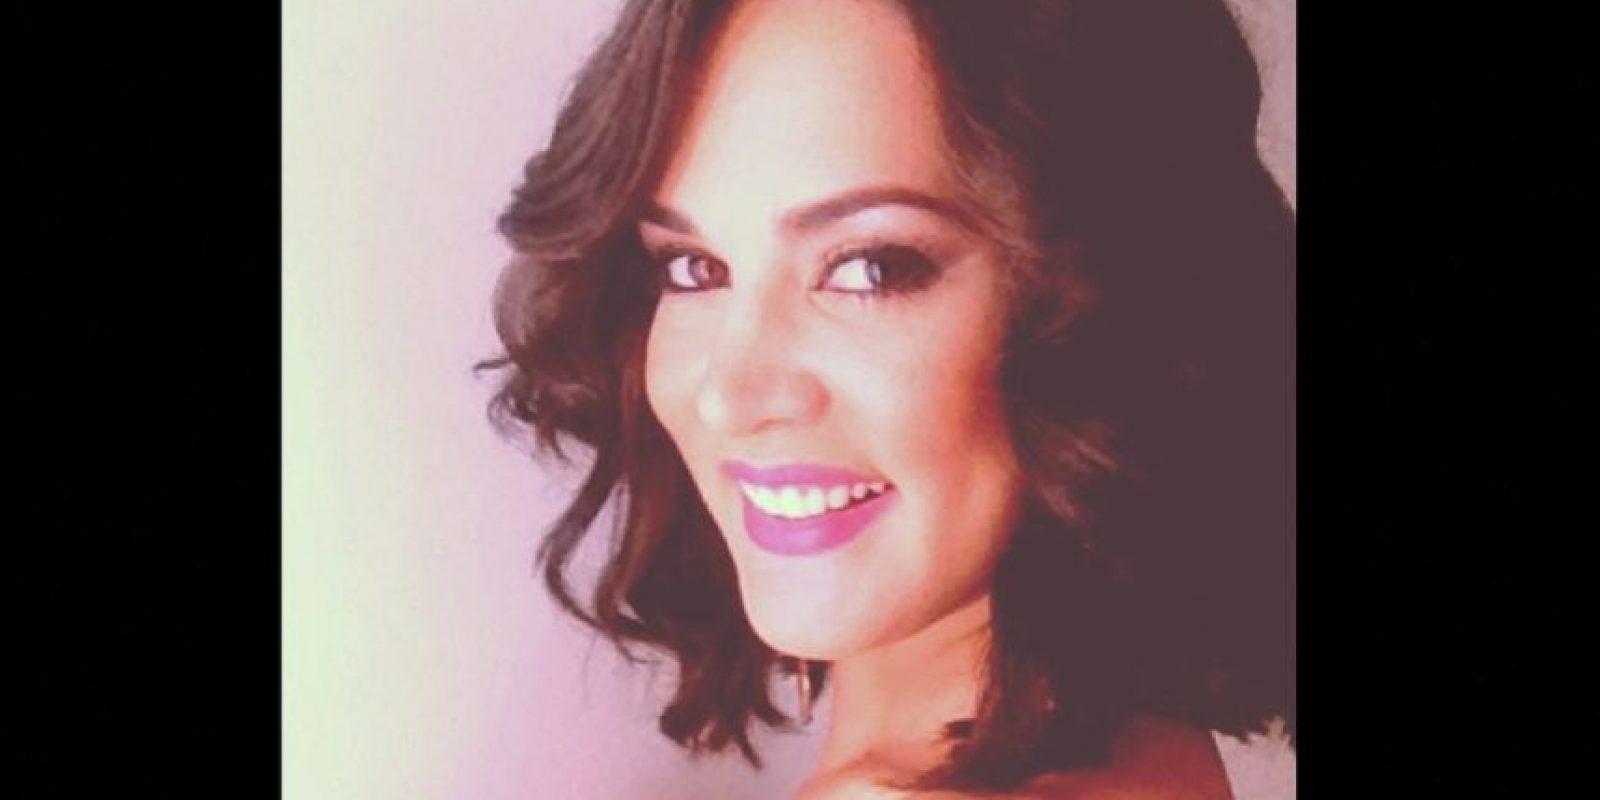 La actriz, modelo y reina de belleza venezolana que fue asesinada el pasado 6 de enero de 2014 junto con su esposo durante un asalto en una carretera de ese país. Al momento de su muerte, Spear estaba de vacaciones con su esposo e hija, que sobrevivió al ataque armado, en una provincia de su natal Venezuela. Foto:Instagram/monicaspear